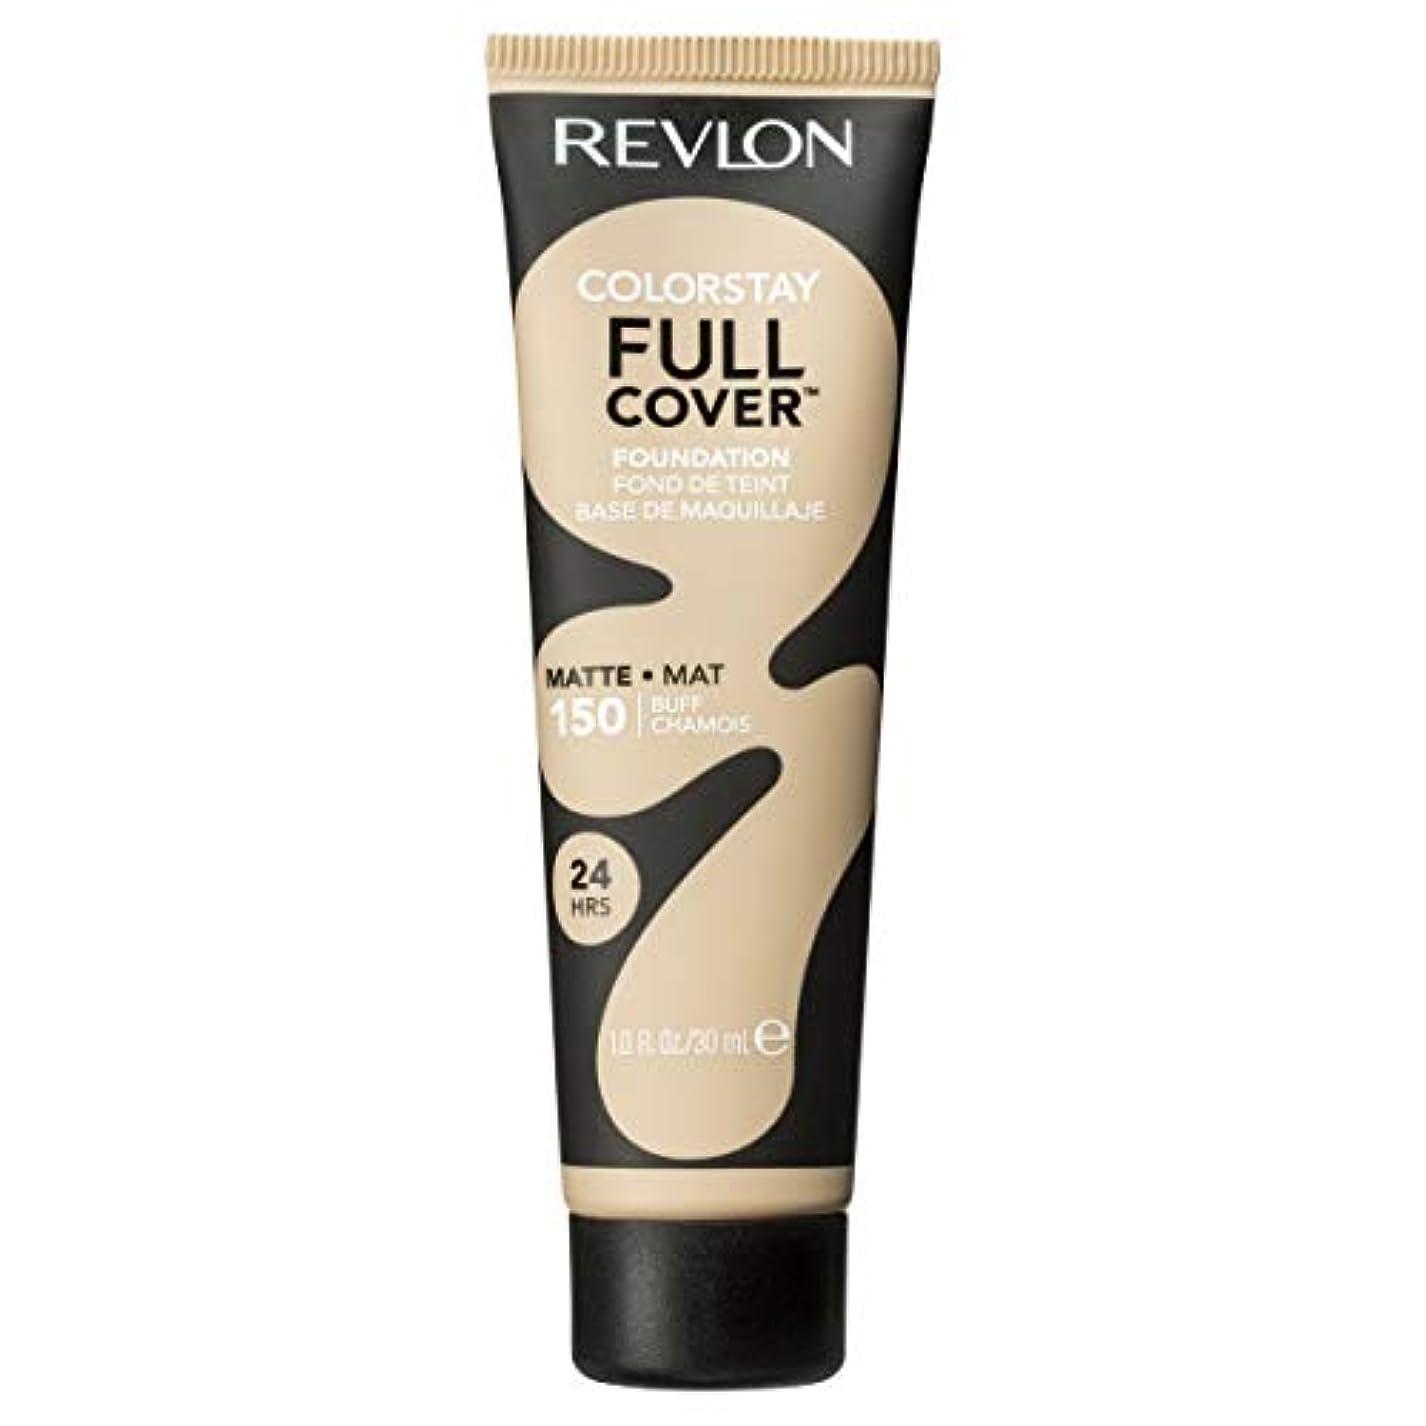 否定する人里離れたアリ【レブロン.revlon]カラーステイプルカバーファンデーション(30ml)/ color stay full cover foundation (150 buff)